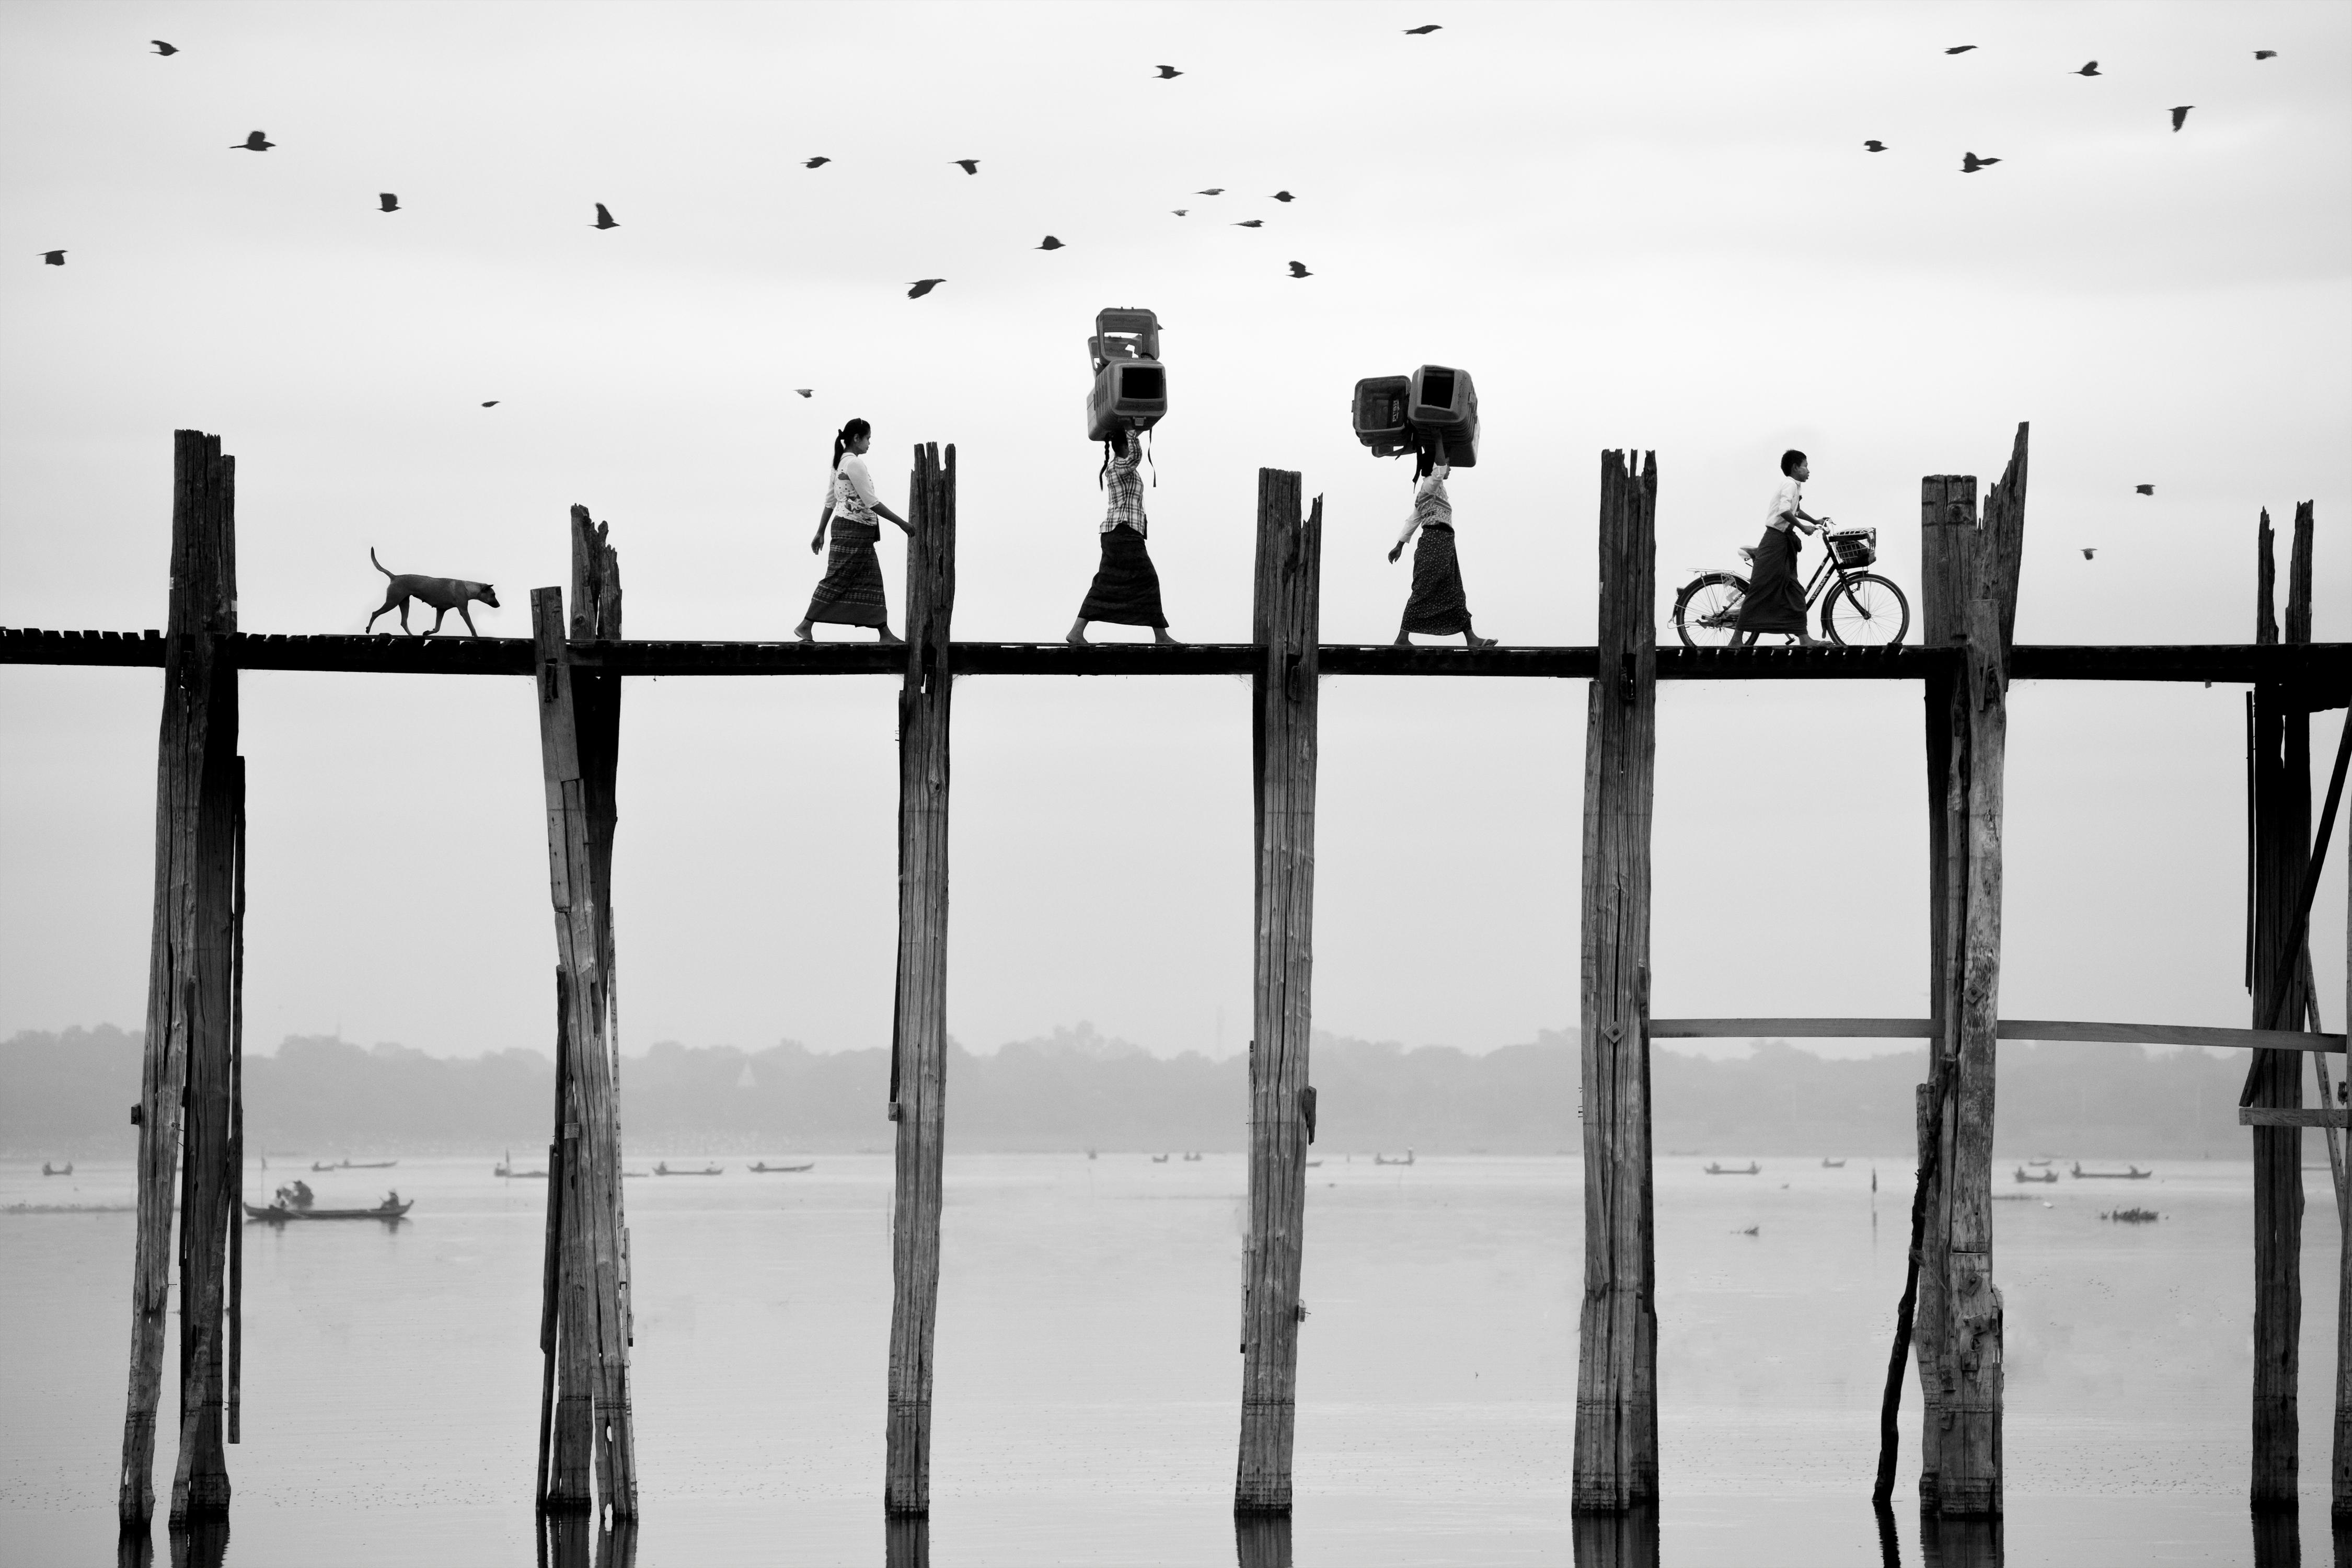 Sony World Photography Awards 2018 xướng tên người thắng cuộc | 50mm Vietnam